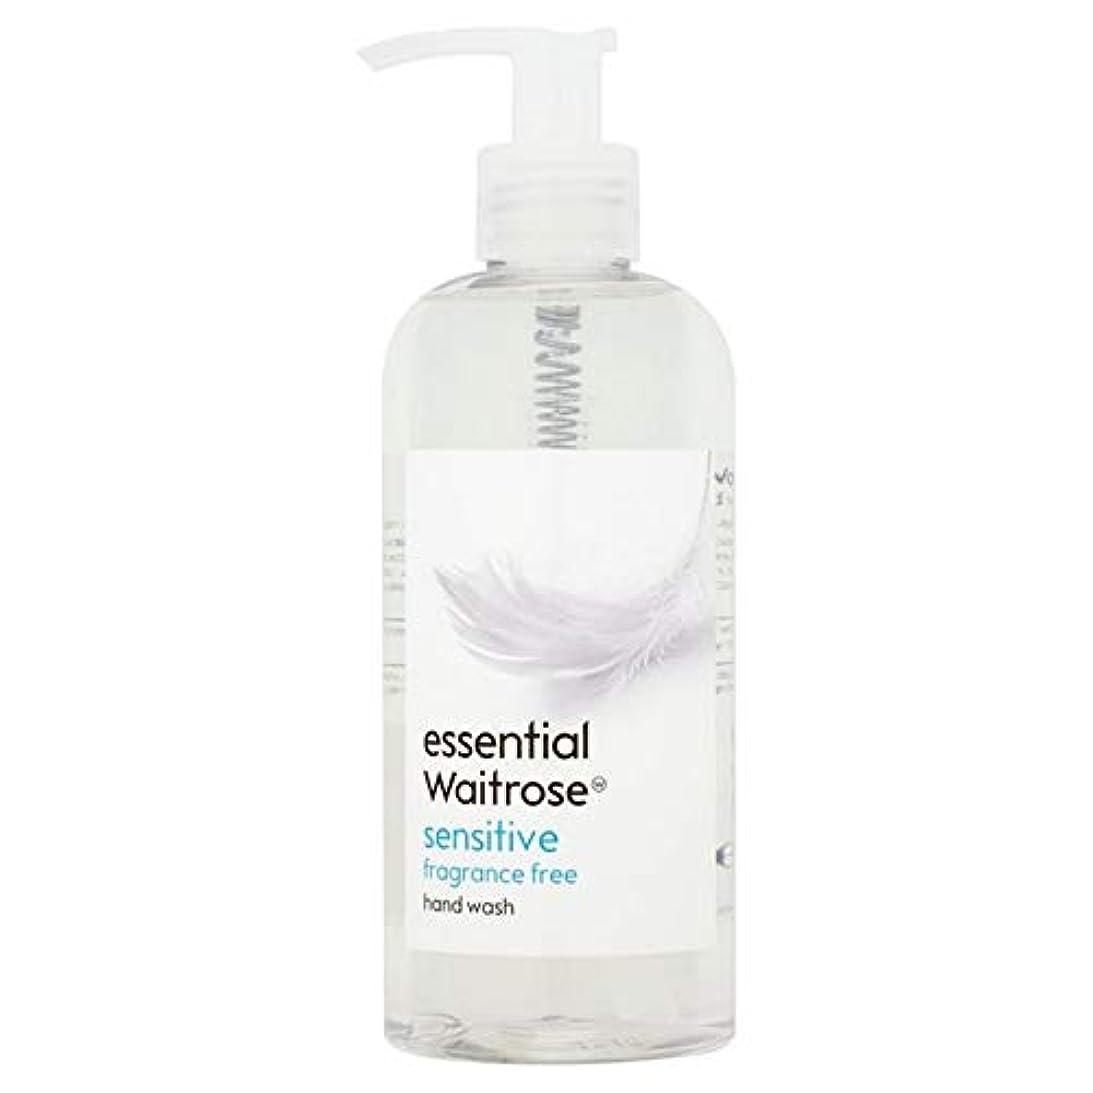 過敏なクアッガスラダム[Waitrose ] 基本的なウェイトローズのハンドウォッシュ敏感な300ミリリットル - Essential Waitrose Hand Wash Sensitive 300ml [並行輸入品]